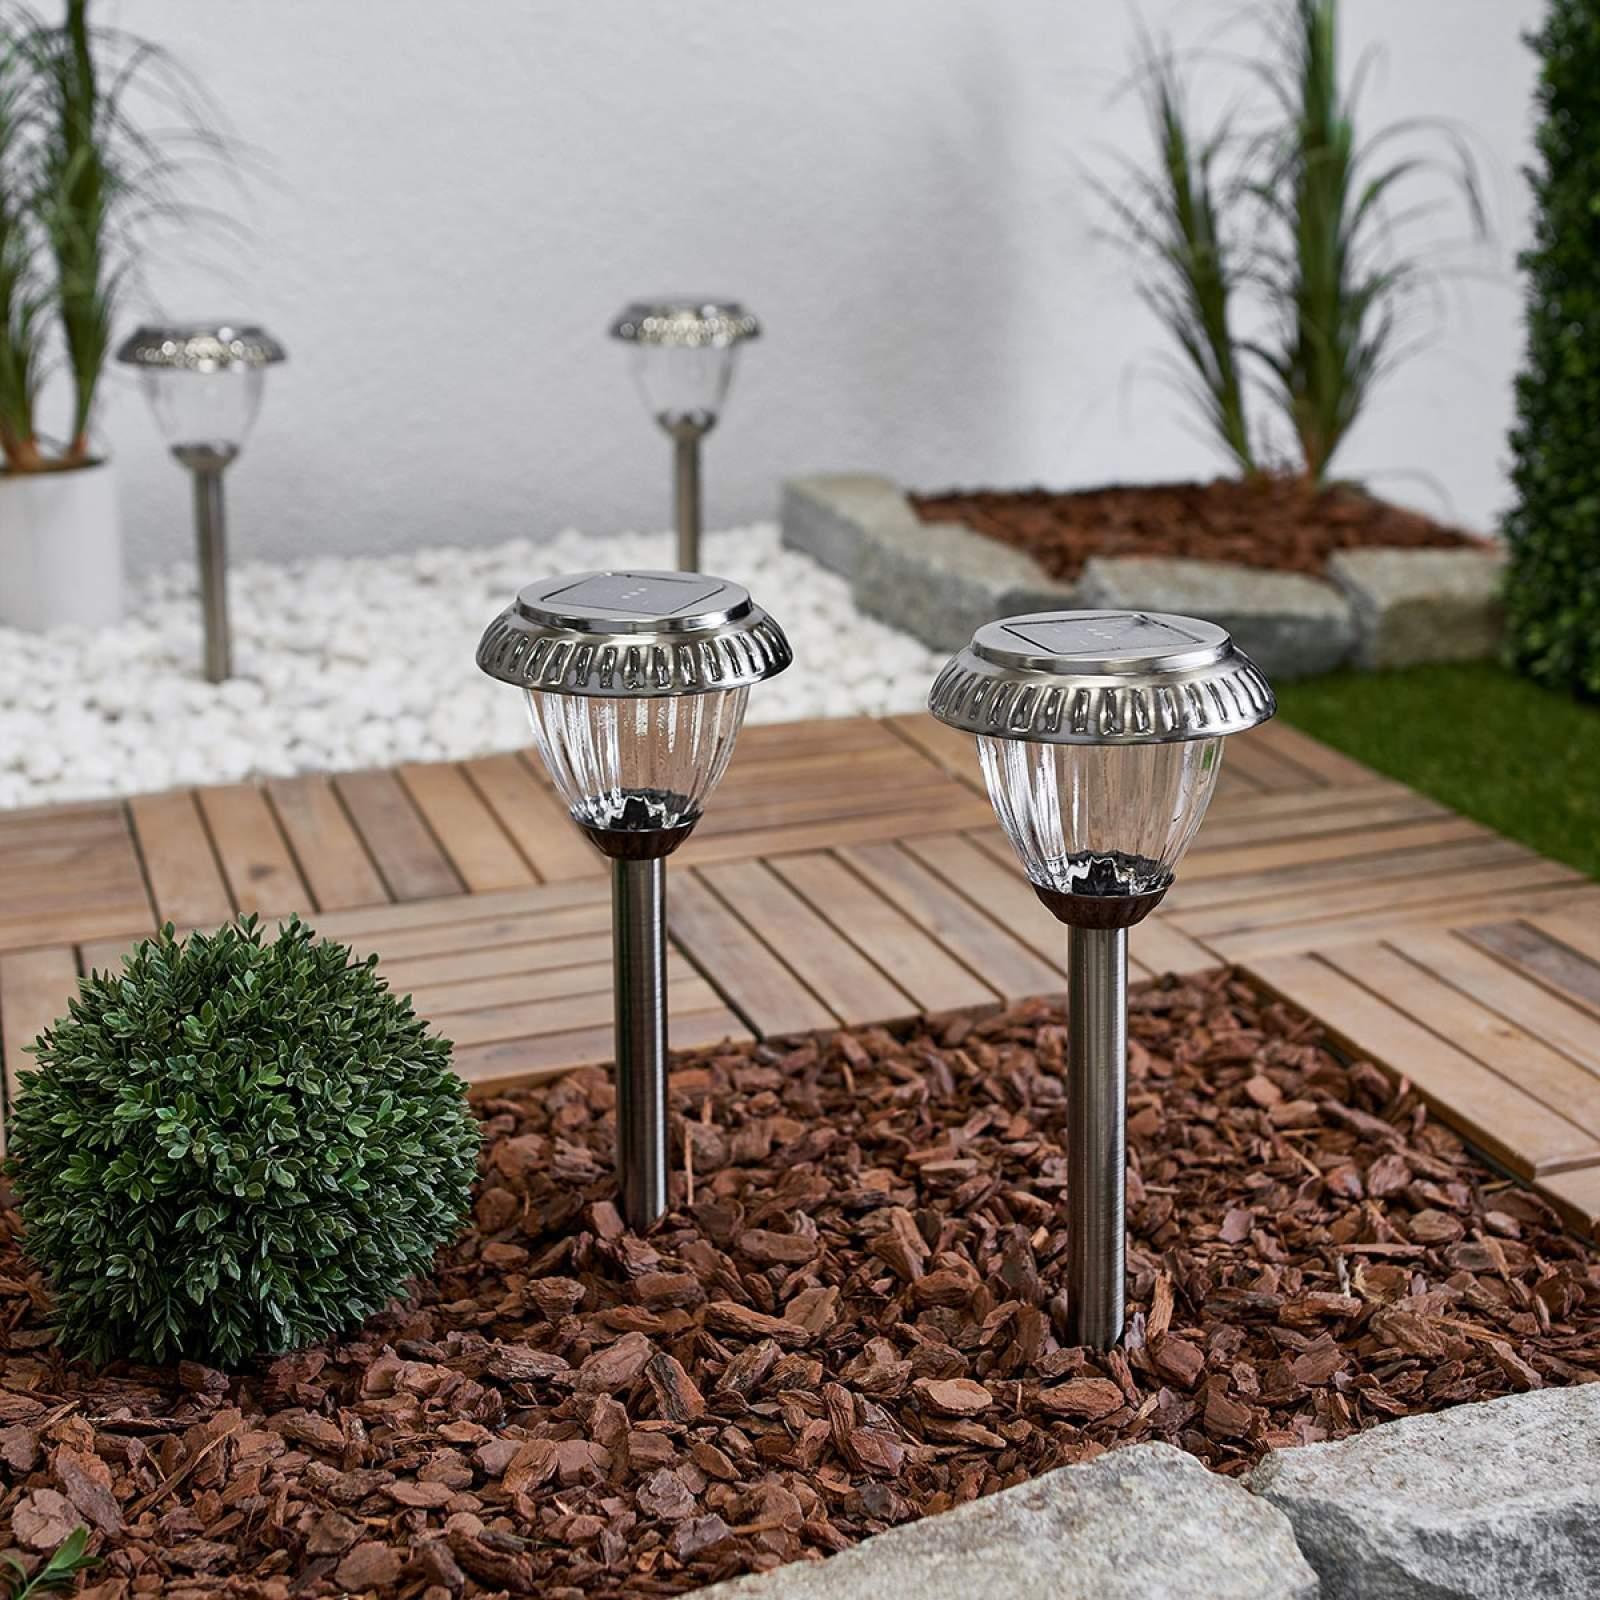 Leuchtkugeln Garten Einzigartig Moderne solarleuchte Marie Von Duracell Grau